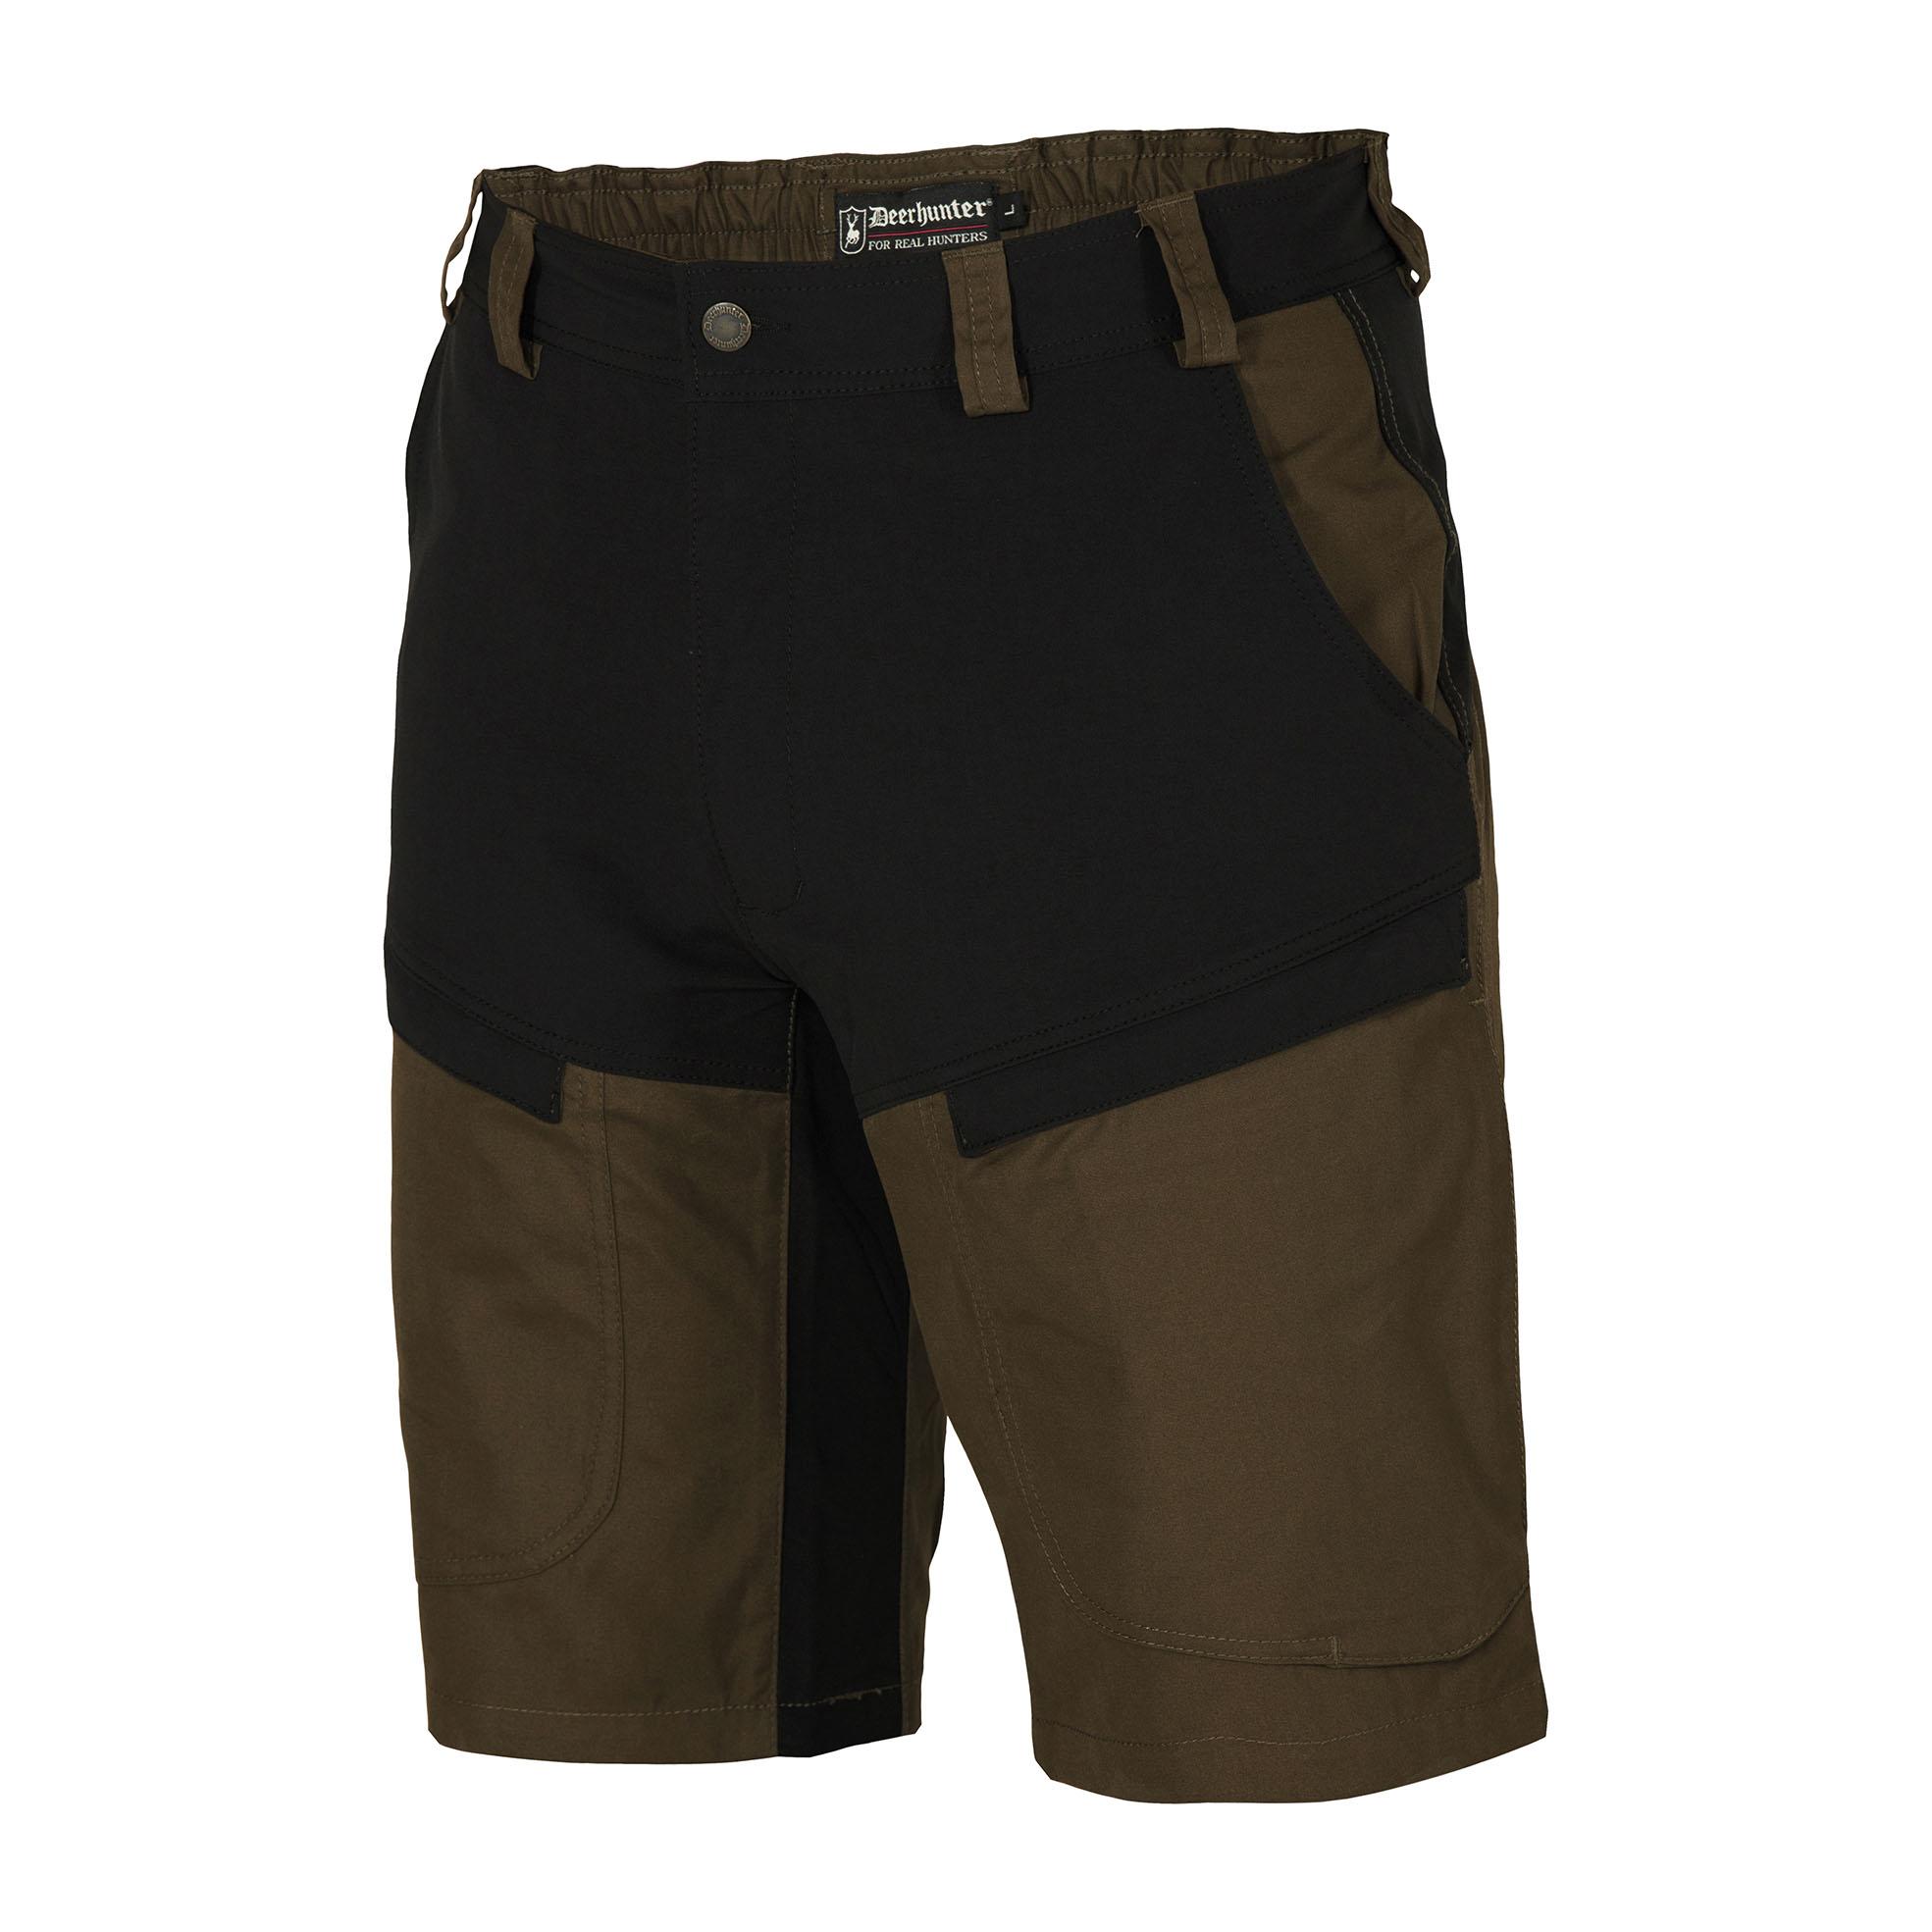 Outdoorhose, uni, Stretch, wasserabweisend, für Herren, schwarz, 26